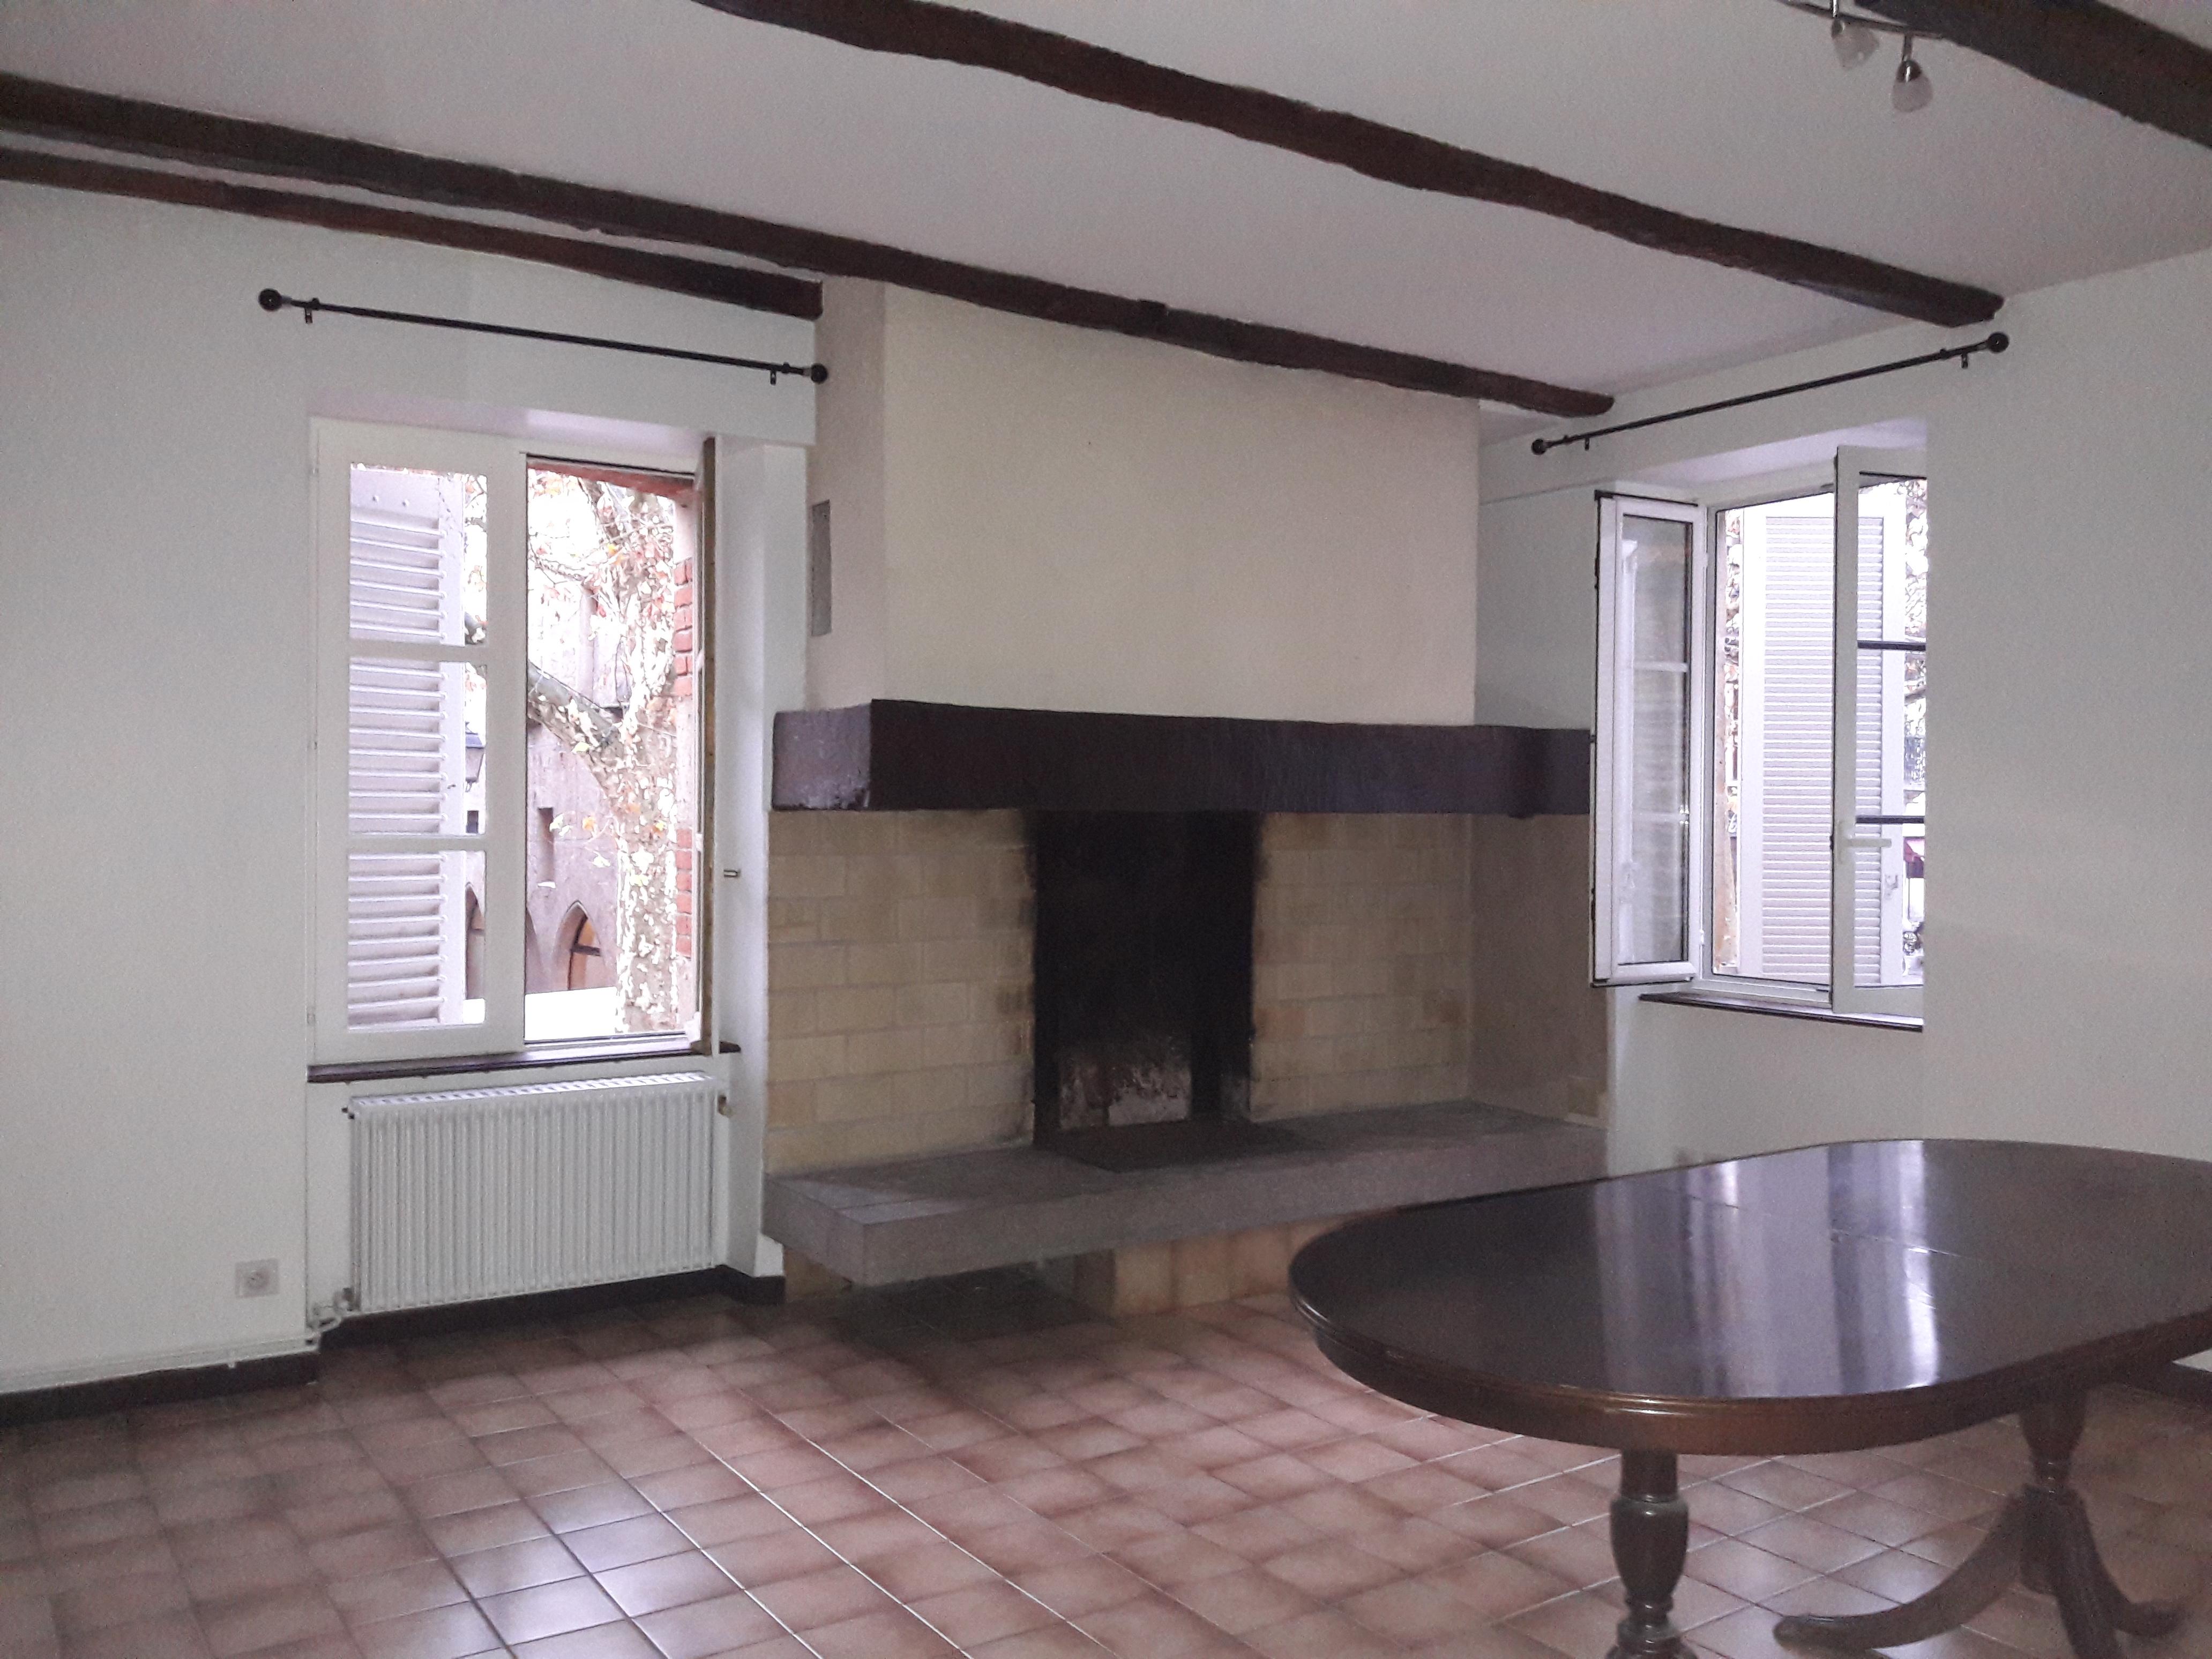 Appartement T3 avec terrasse récemment rénové à louer au centre de Figeac